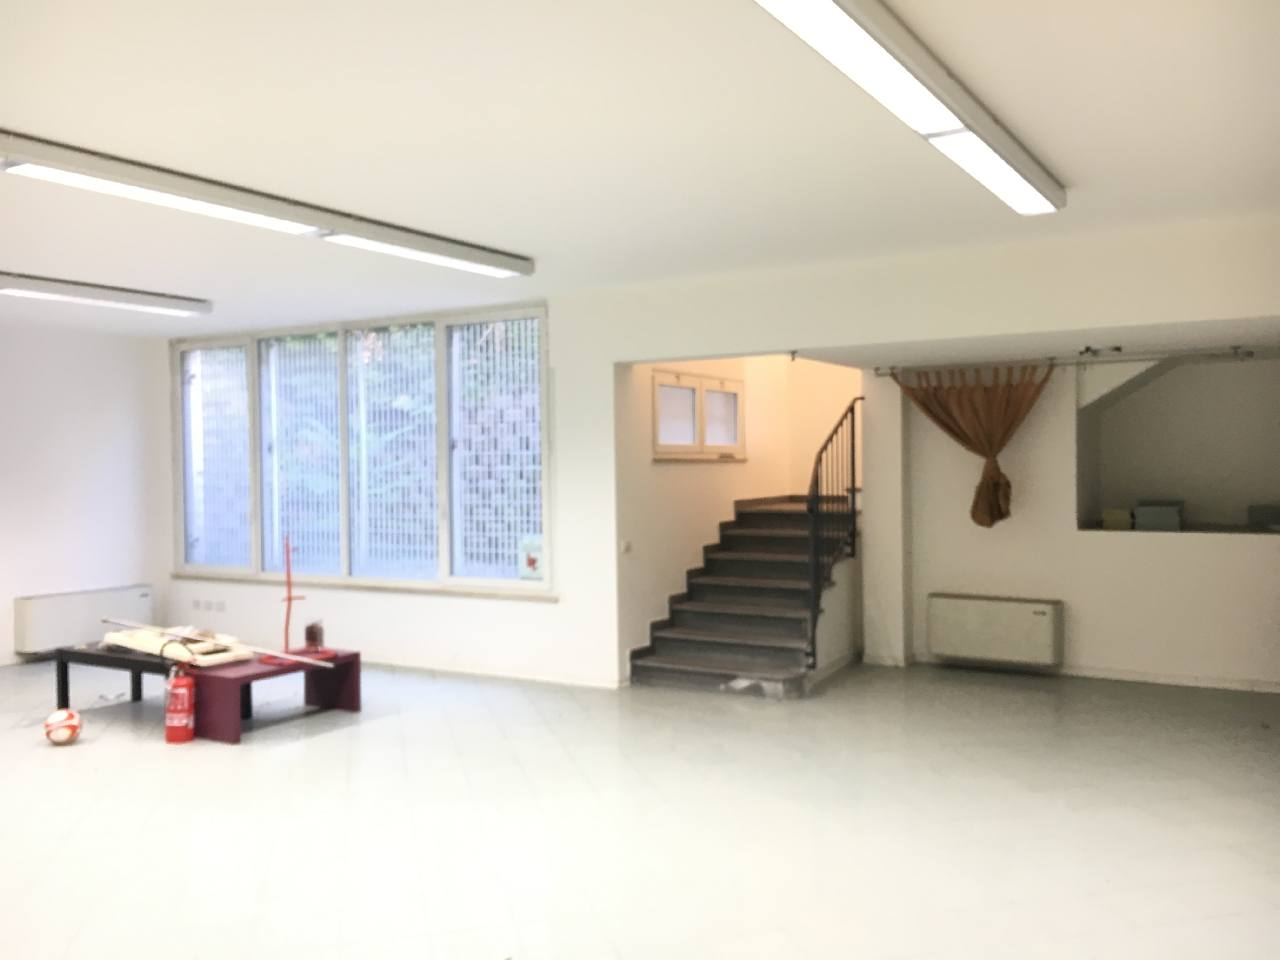 Ufficio Open Space Bologna : Ufficio affitto bologna borgo panigale u ac sbc